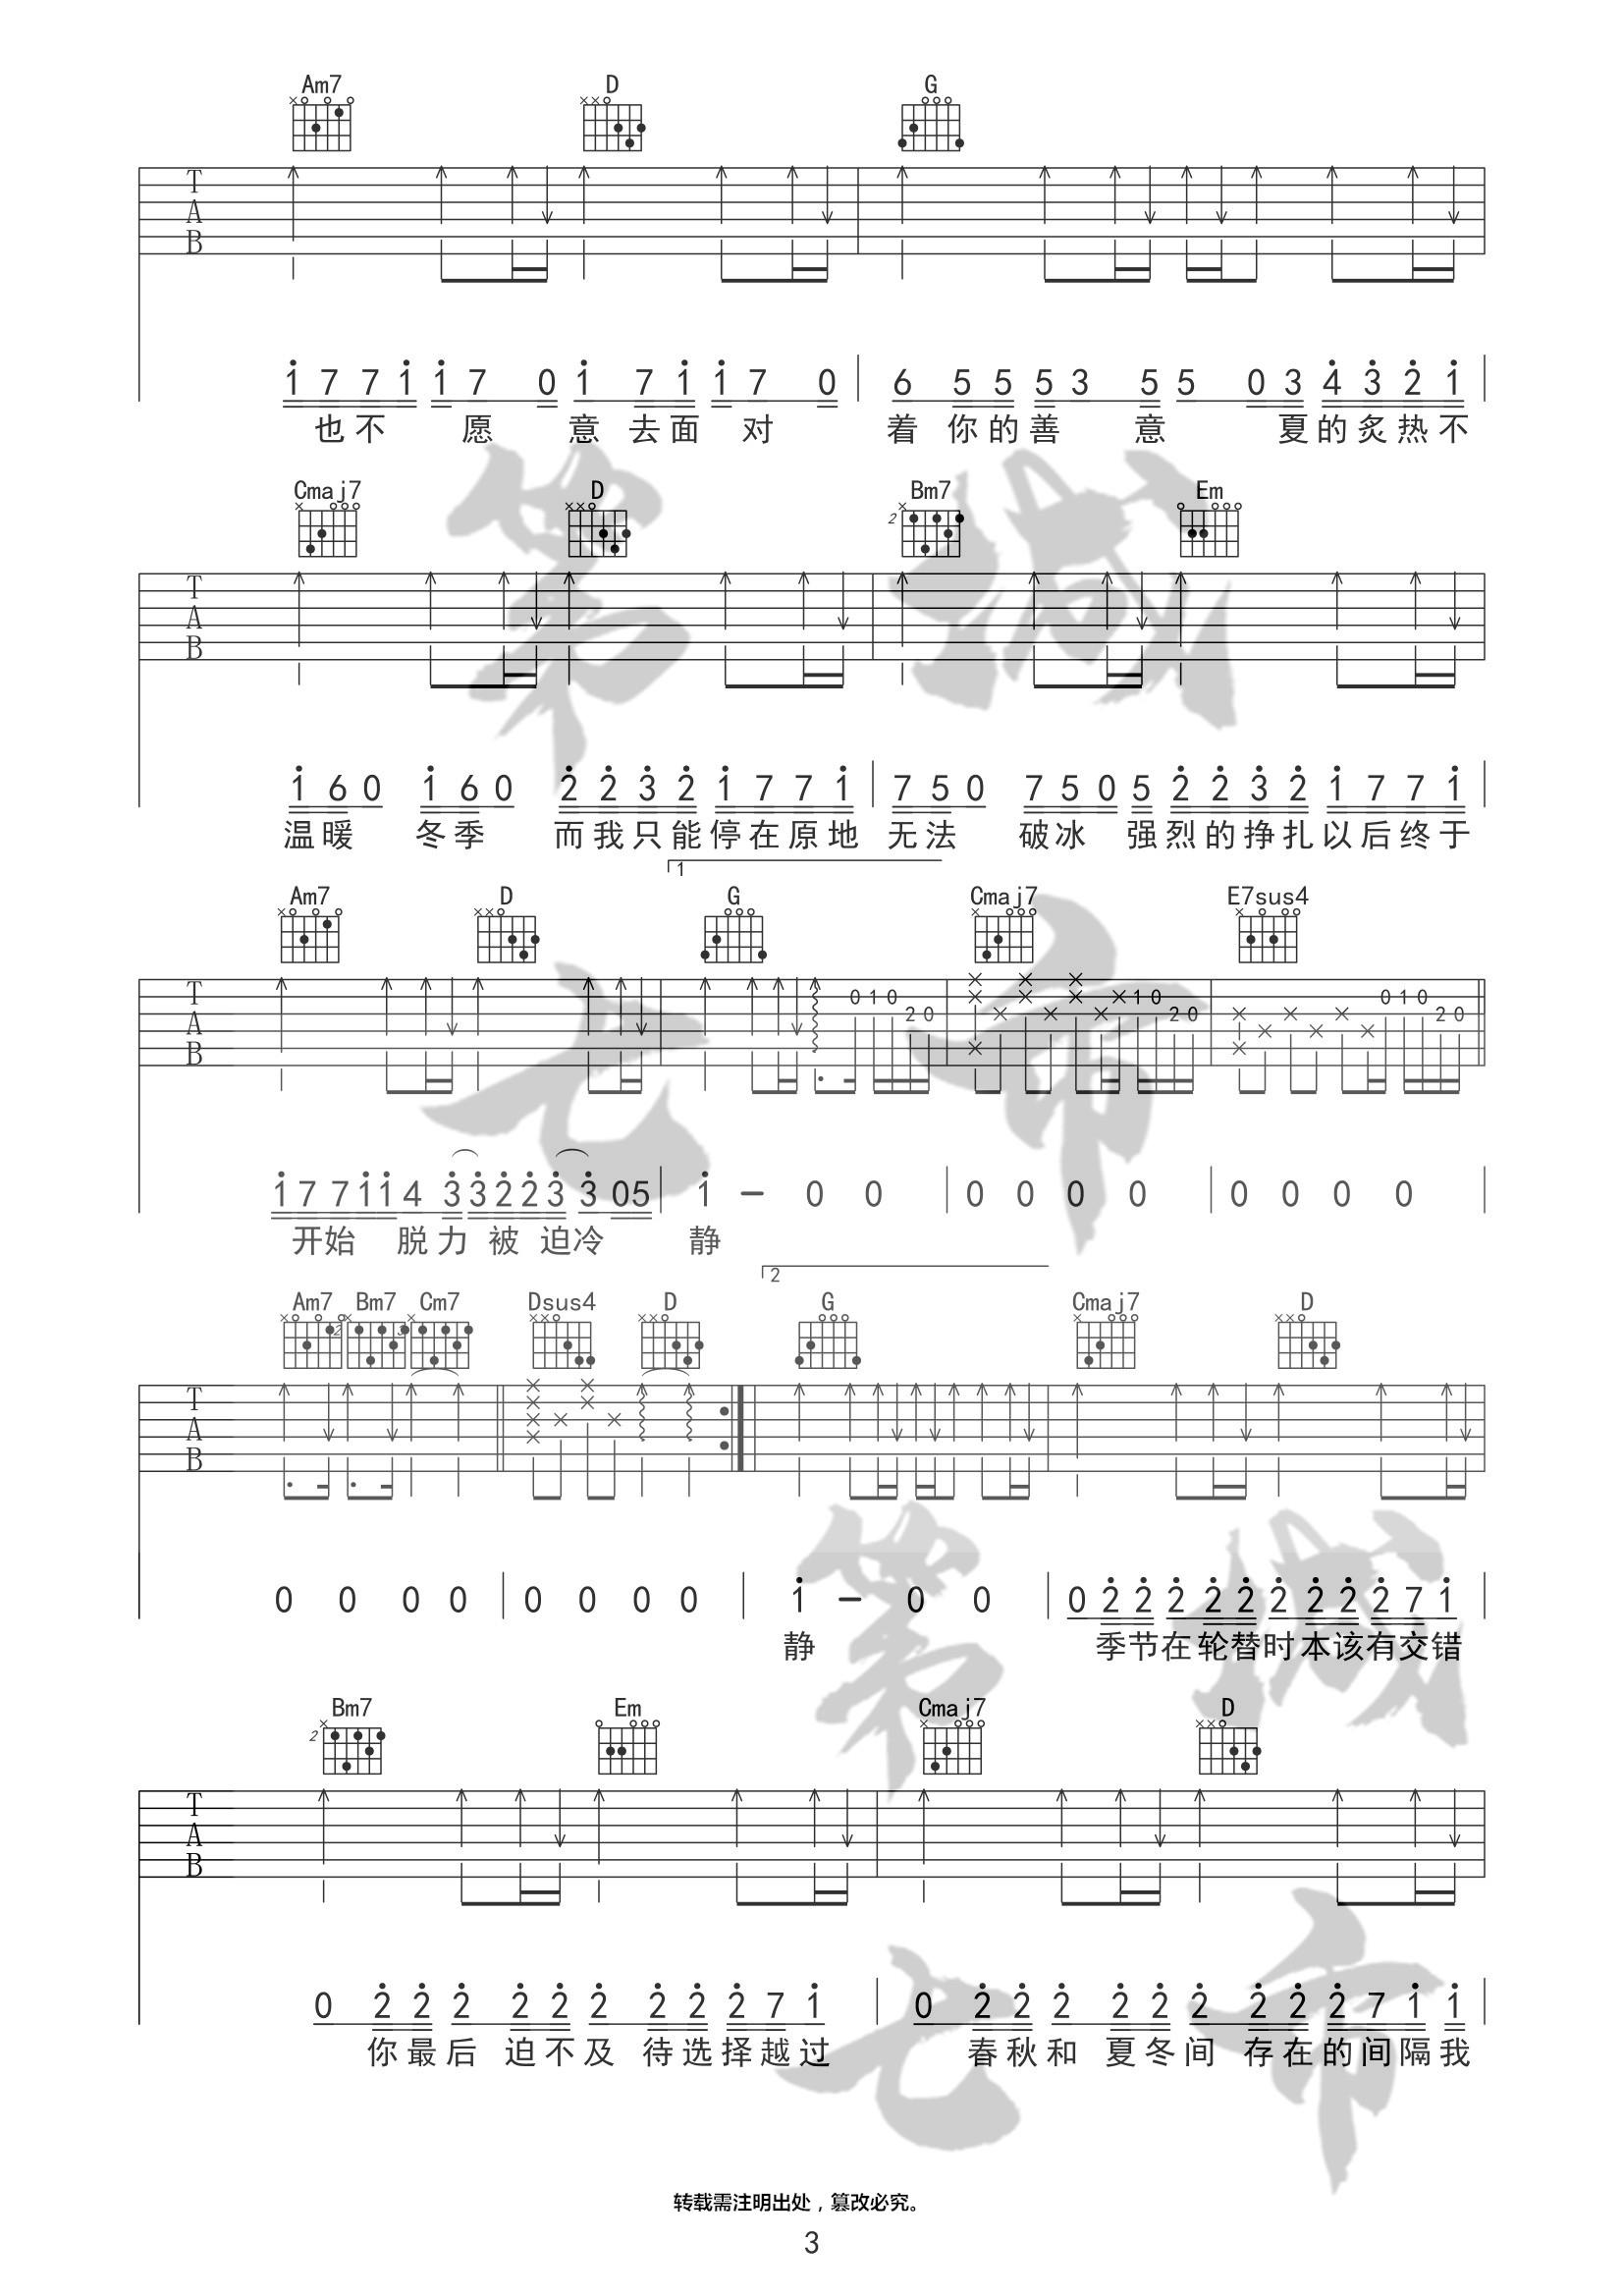 吉他派《错季》吉他谱-3